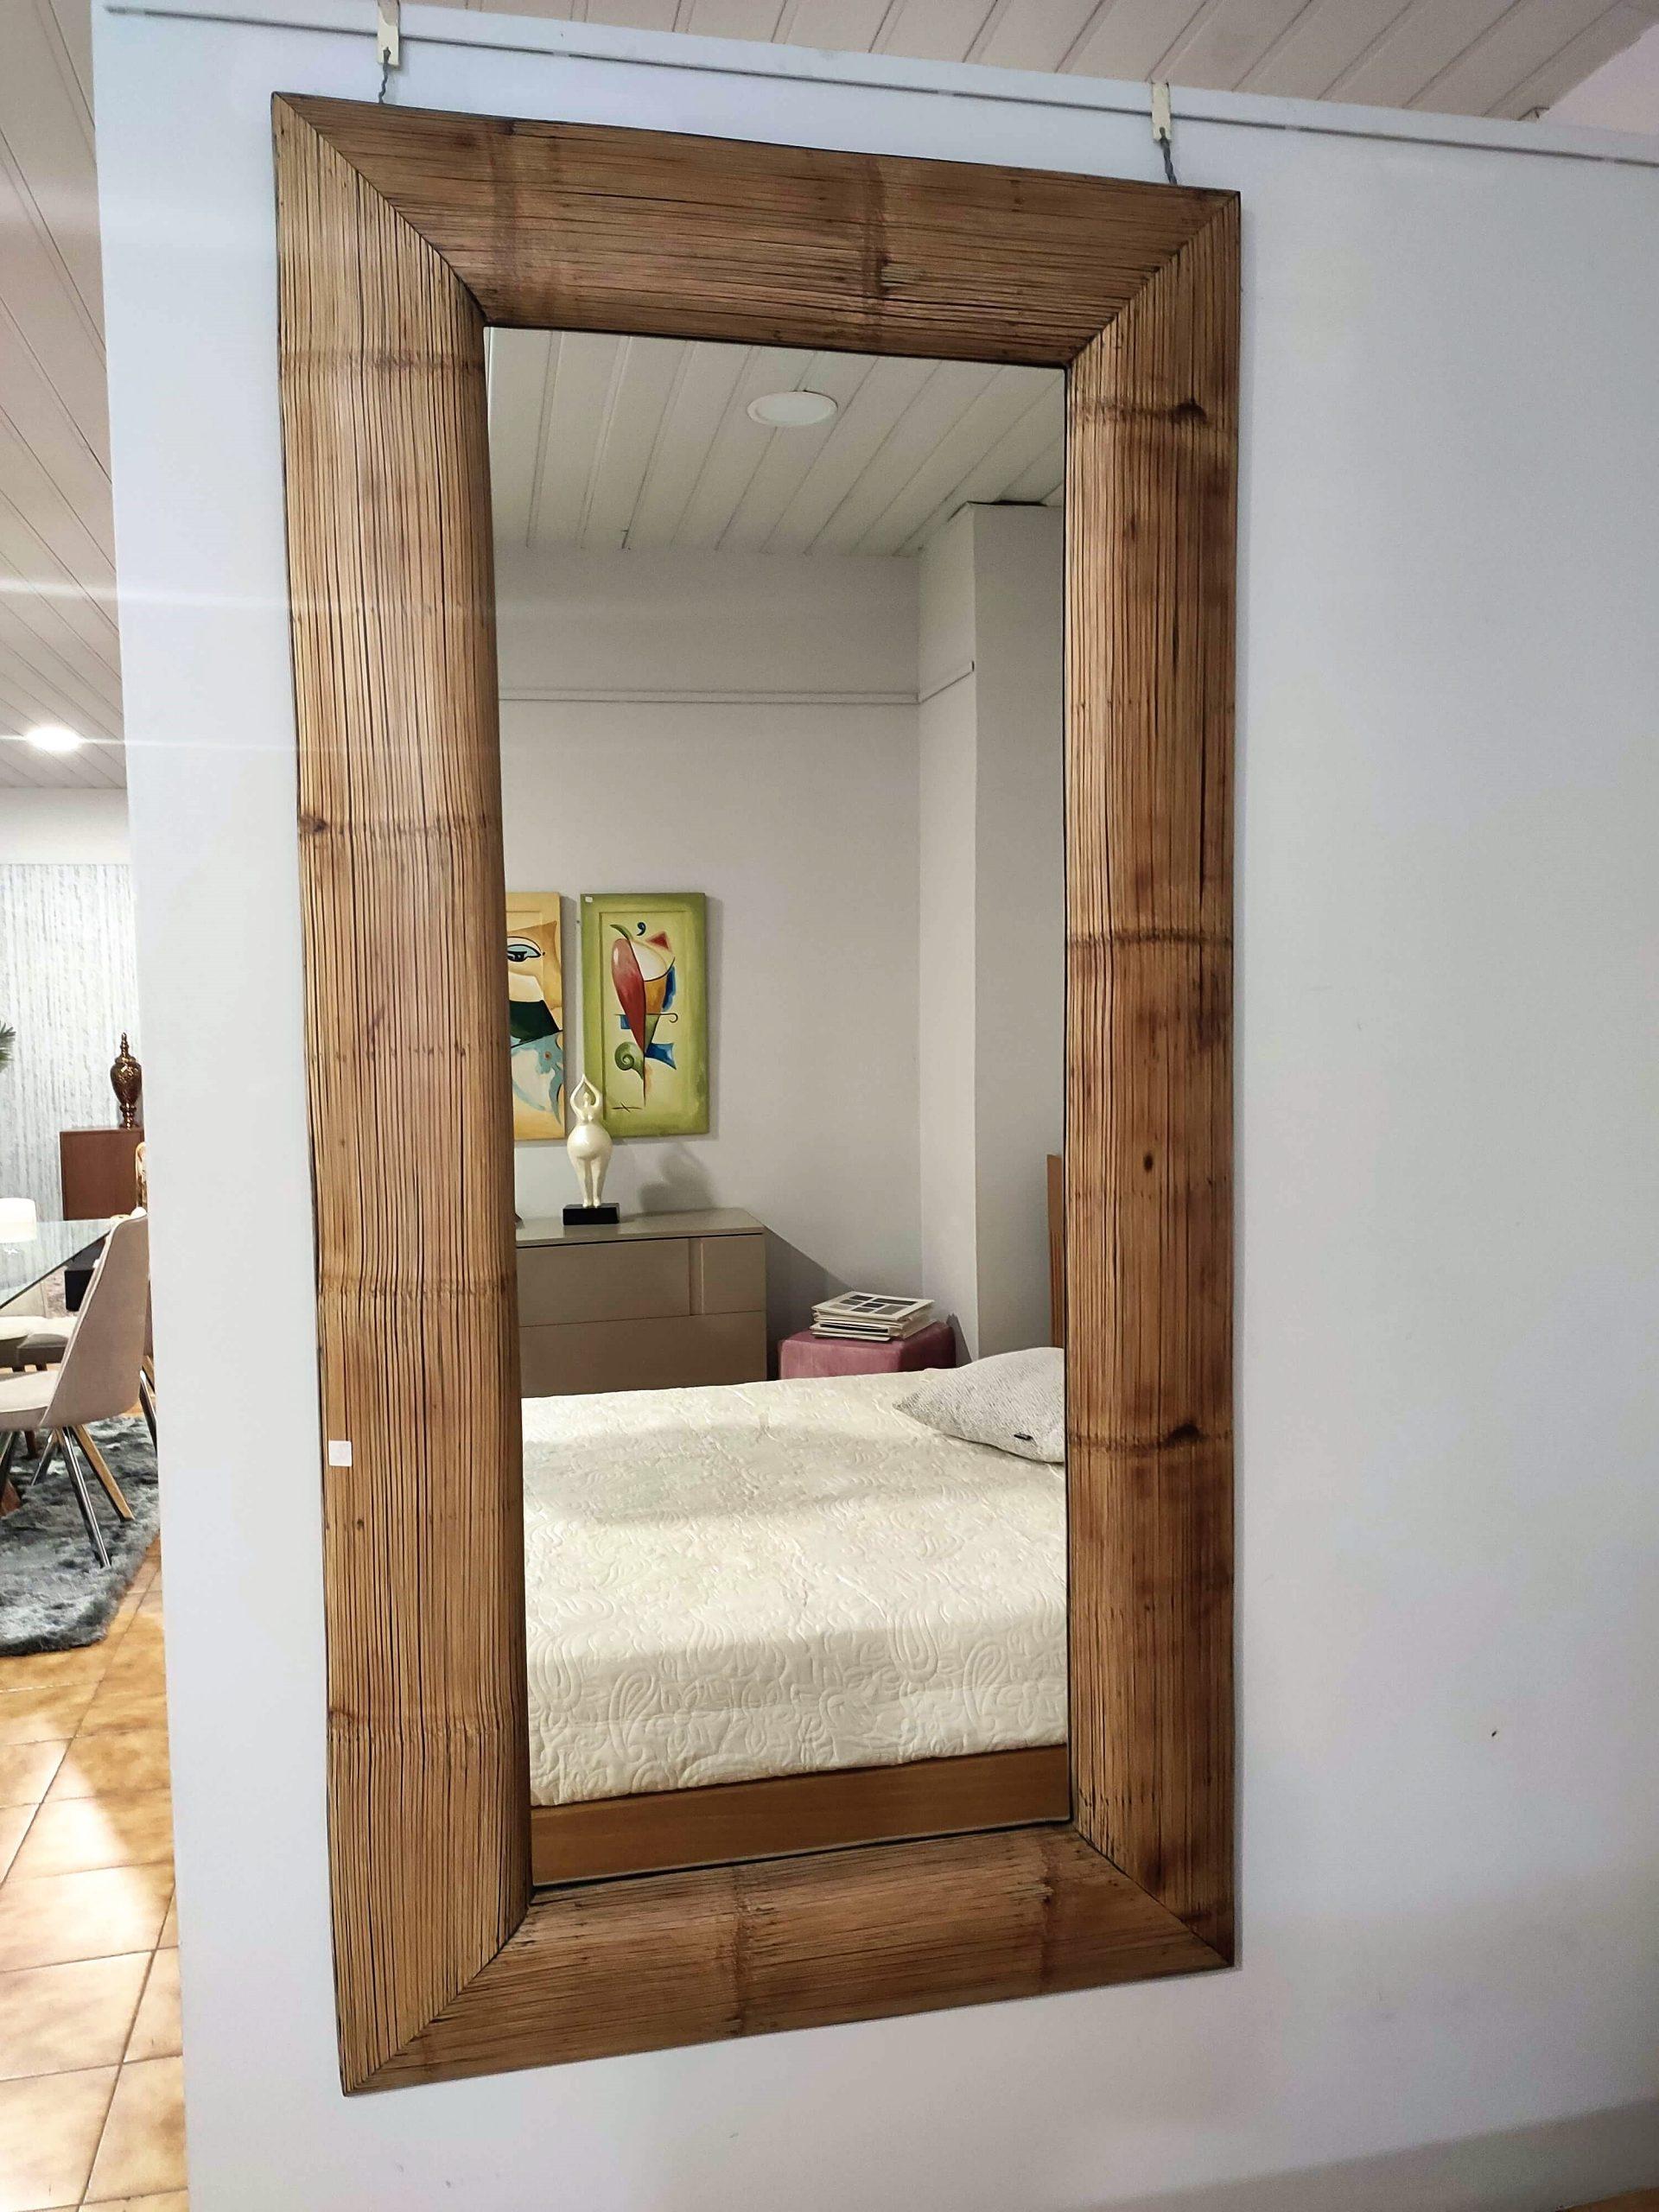 Espelho Retangular Canas Rebordo Madeira 1 scaled